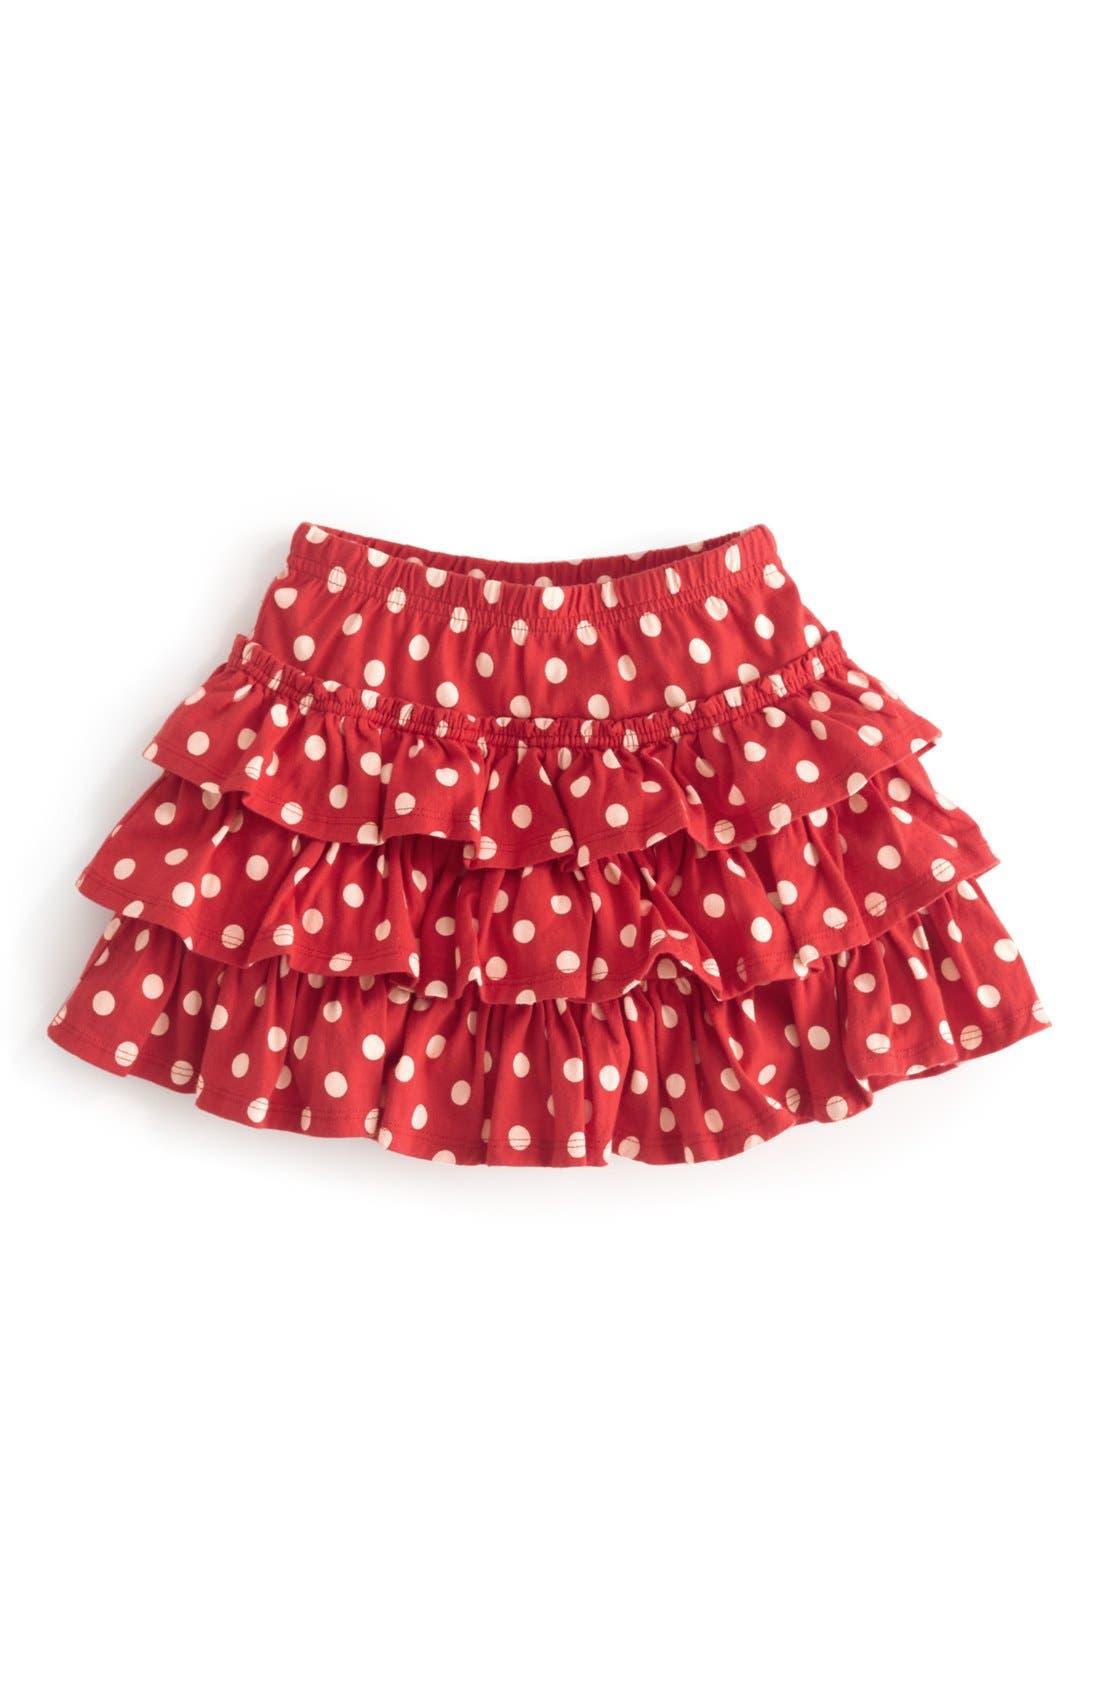 Alternate Image 1 Selected - Mini Boden 'Spotty' Ruffle Skirt (Little Girls & Big Girls)